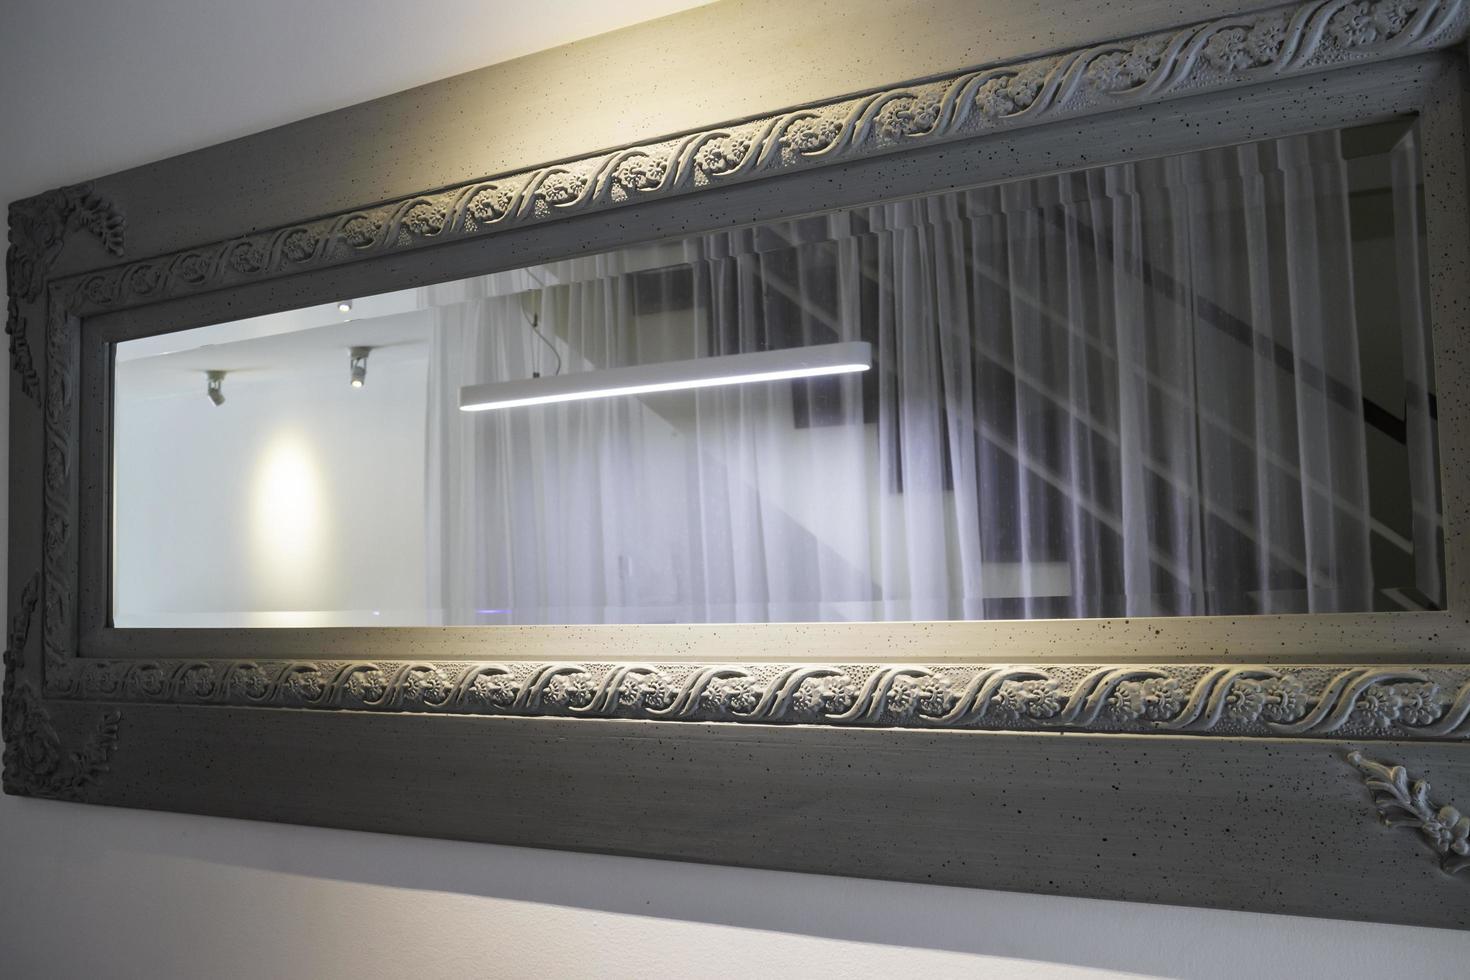 luz suave en un espejo foto